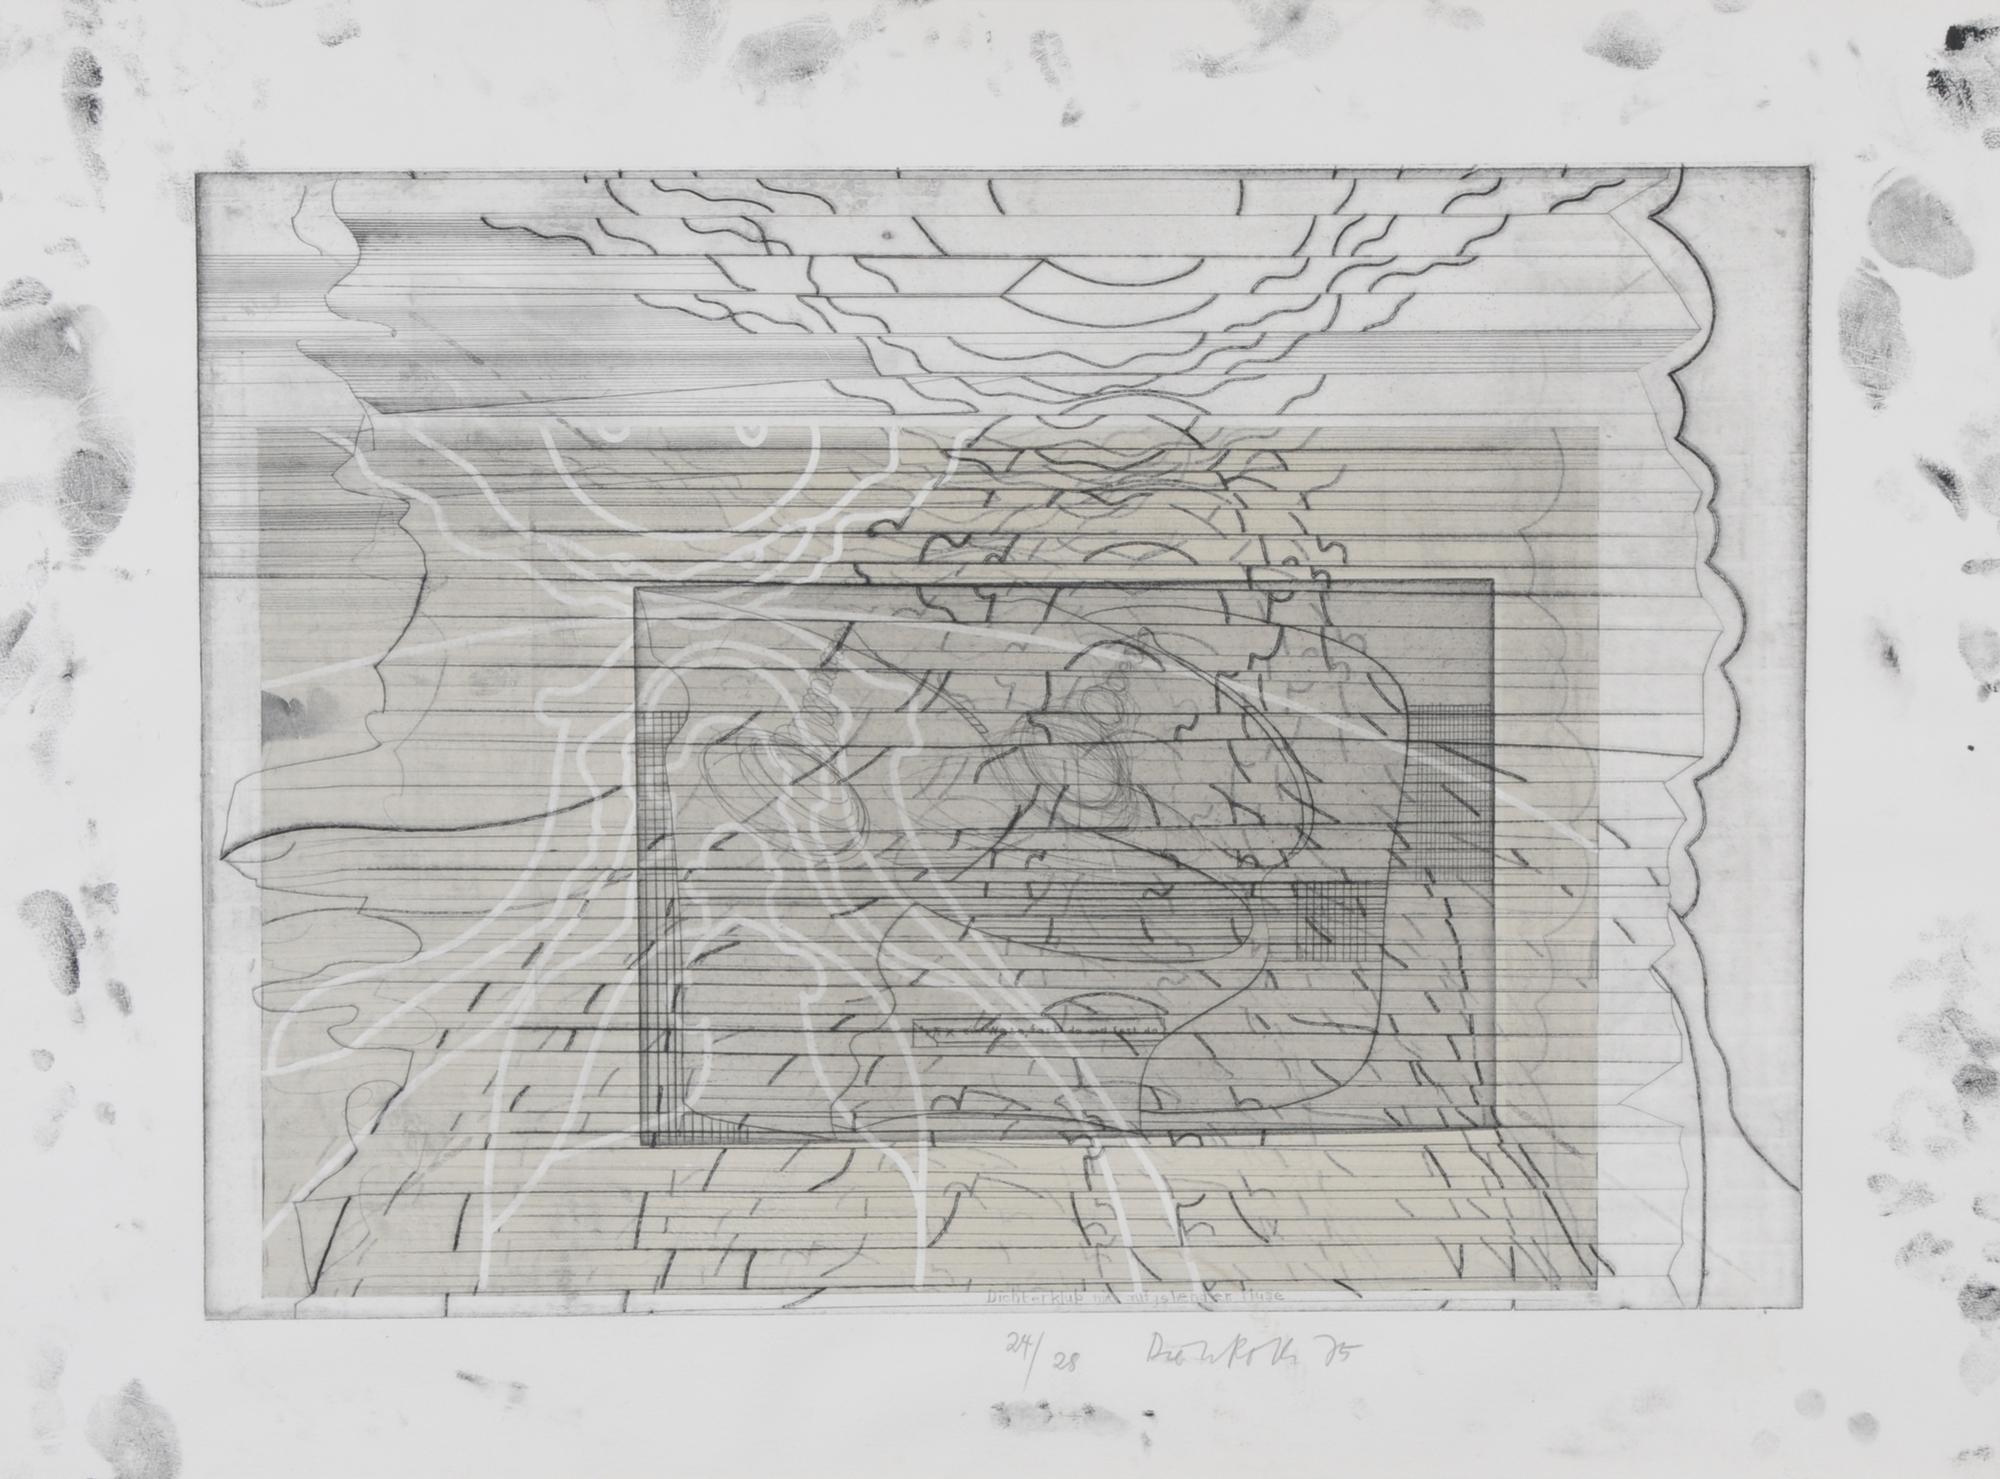 Roth Dieter, 2 sheets: Dichterklub mit aufgehender Muse, 1974; 4 x Selbstbildnis als Horizonttier, 1973